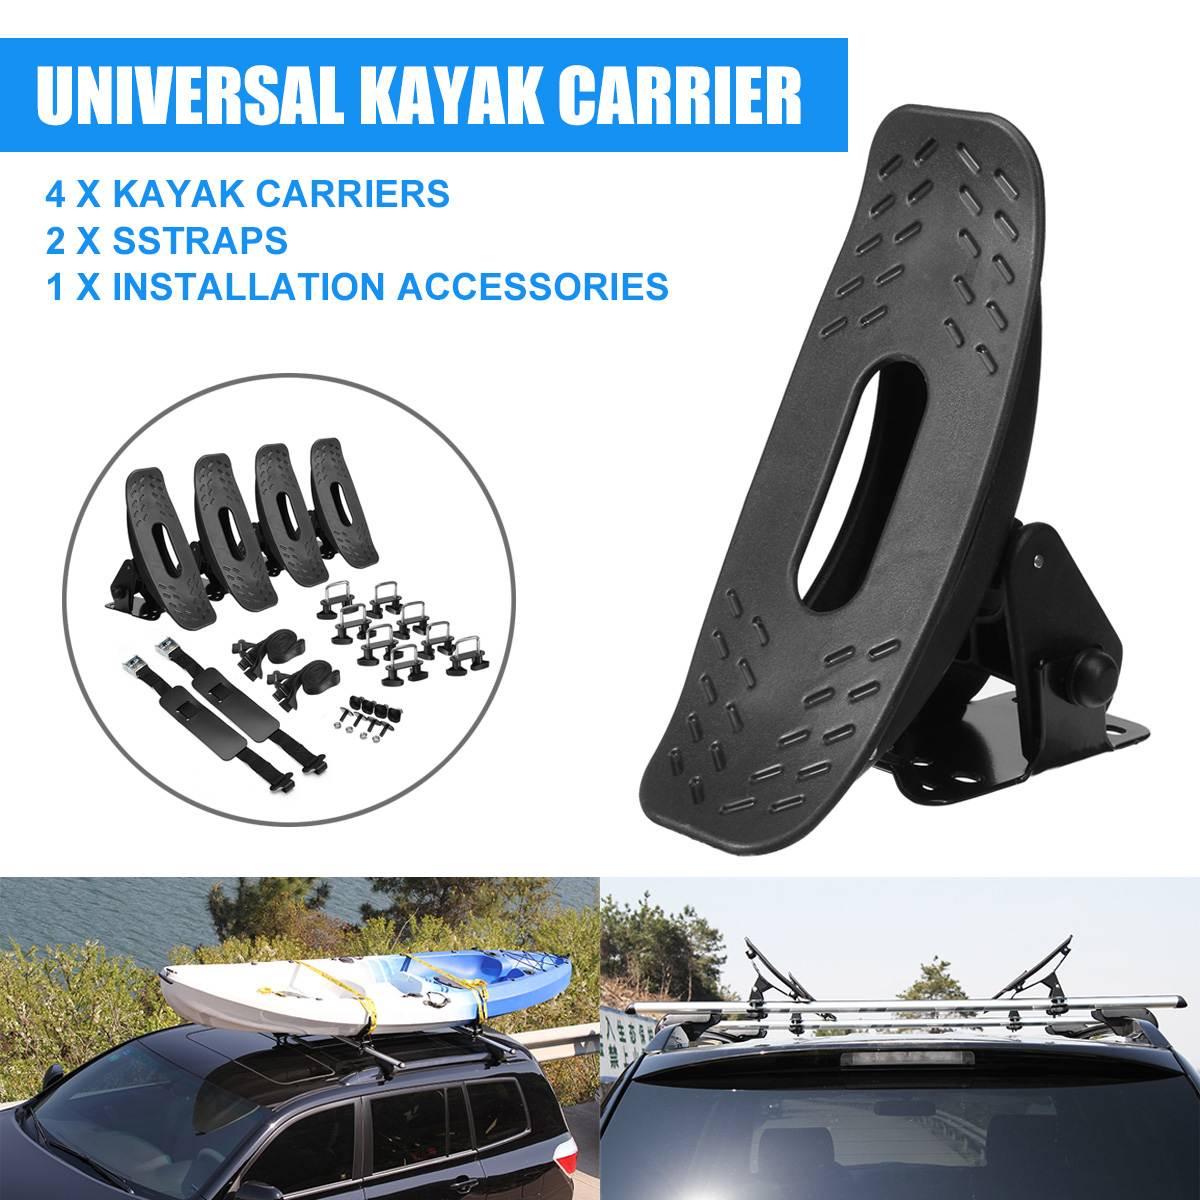 Kayak Canoë Planche De Surf Montage Support de porte Berceau Amovible Kayak Rack Titulaire Kayak Accessoires Toit Rack Bras Canoë De Voiture Chargeur